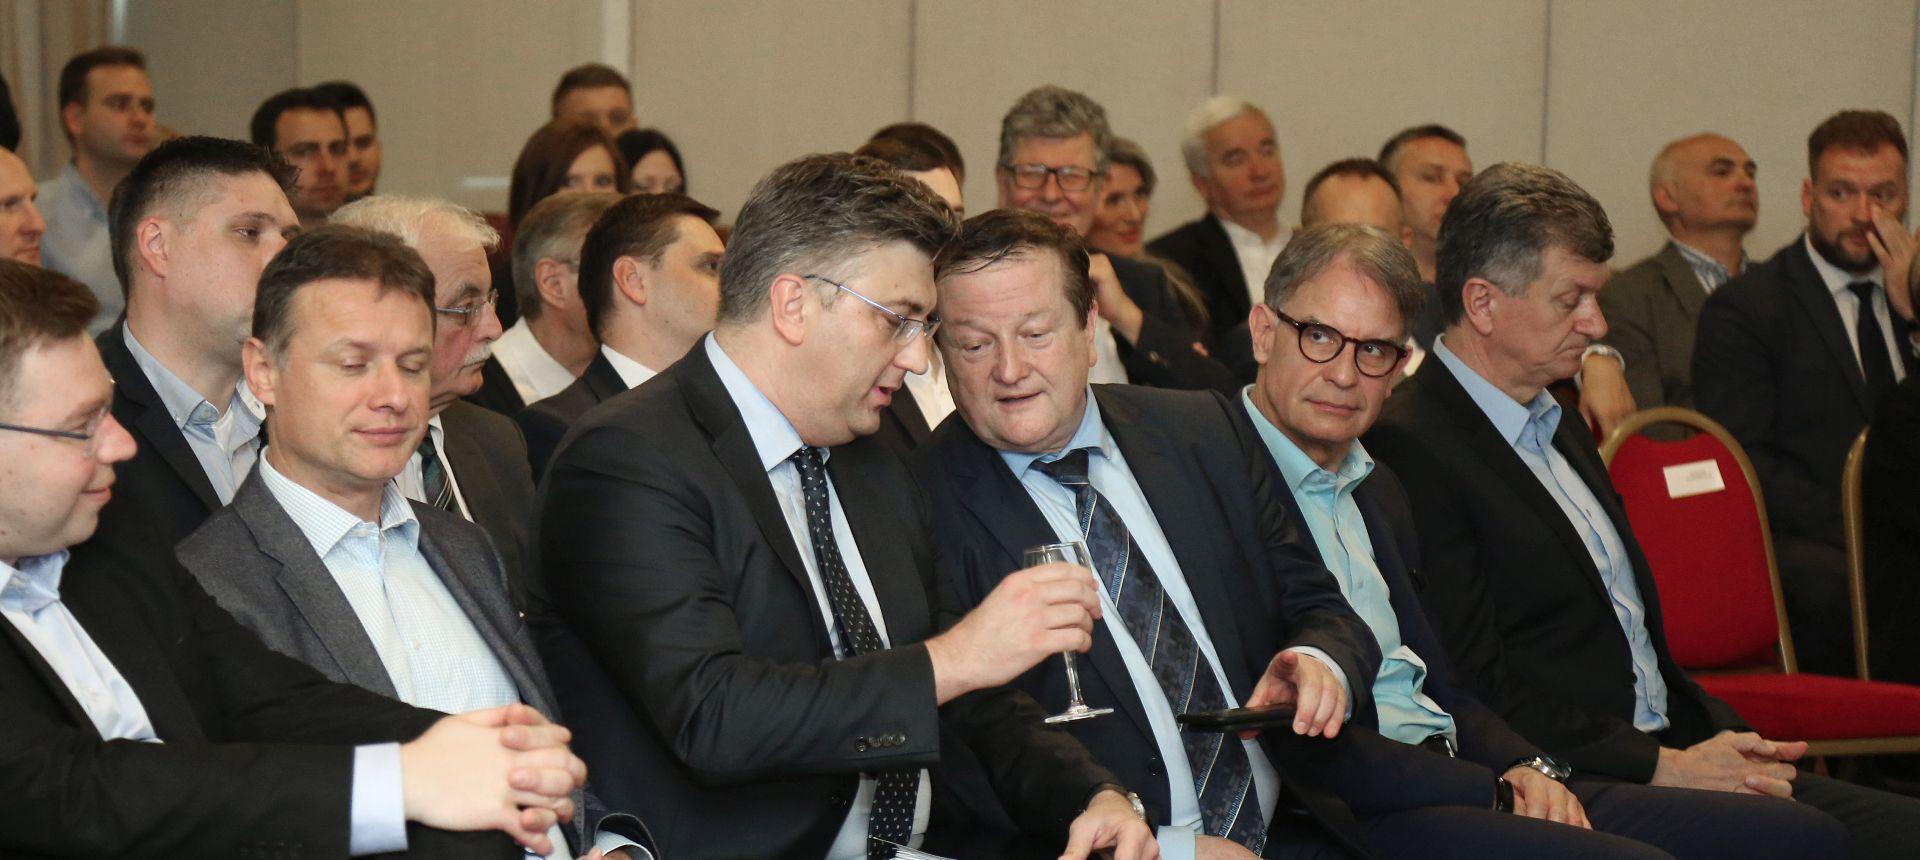 """Hrvatski P.E.N.: """"Boras autoritarno i samovoljno upravlja Sveučilištem"""""""